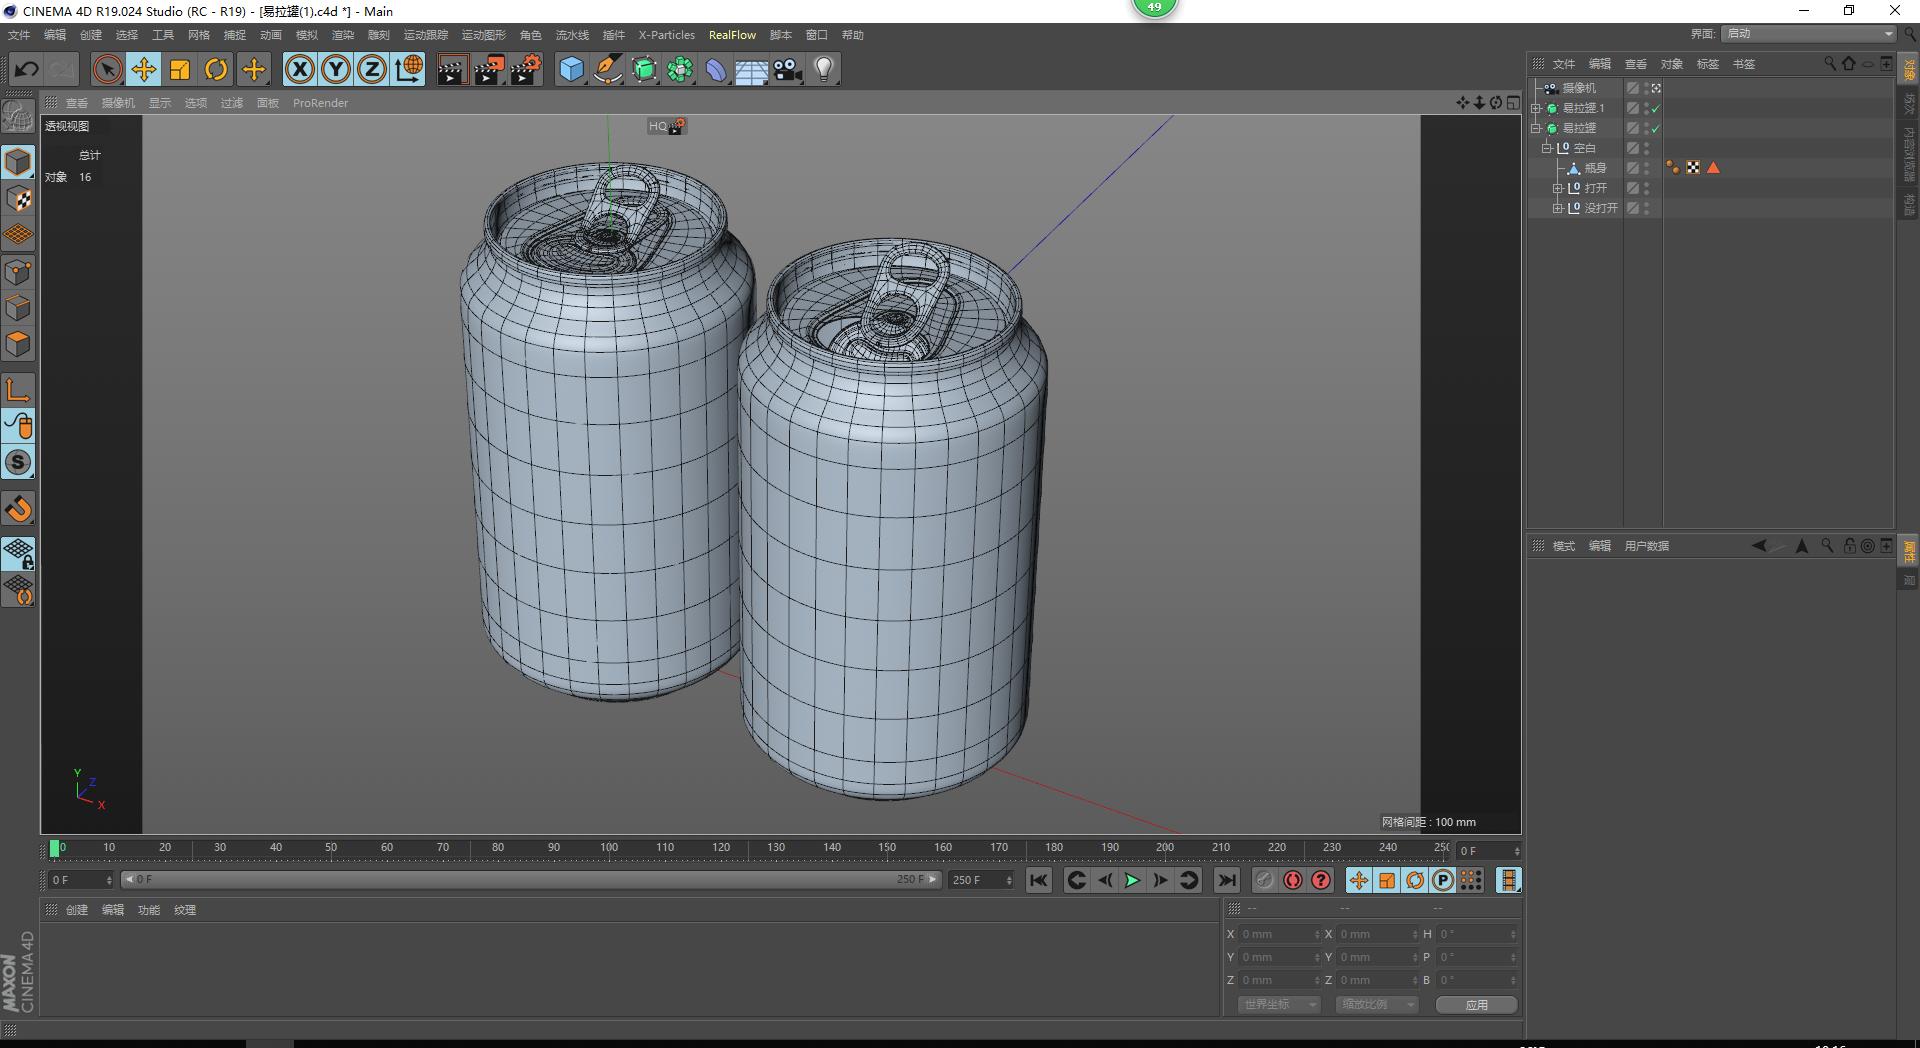 C4D易拉罐细分曲面建模源文件已导出fbx格式